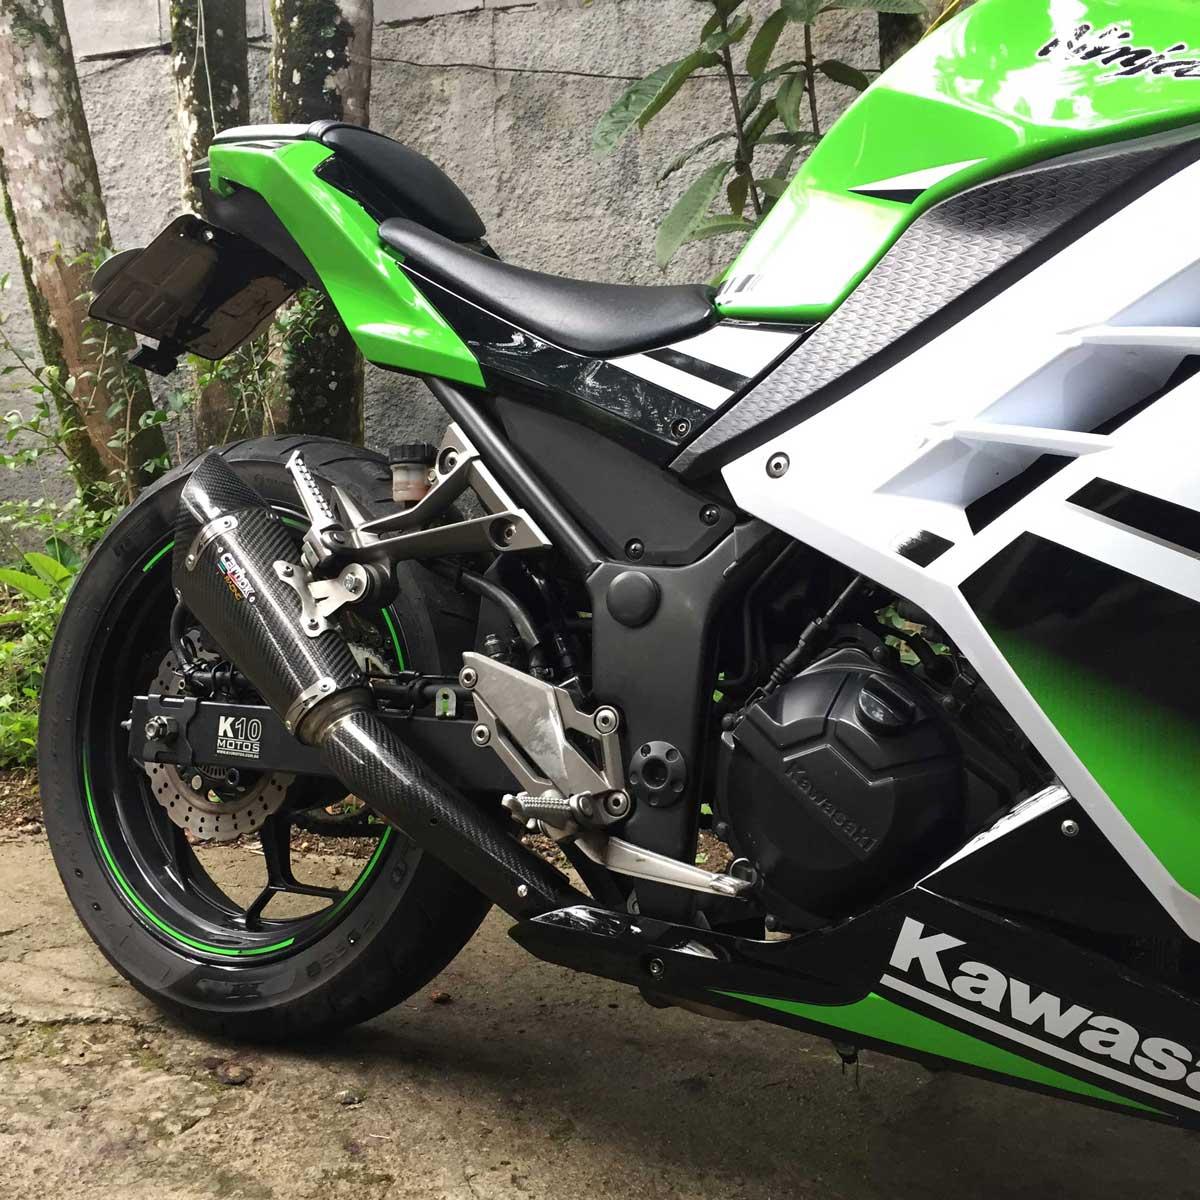 Ponteira Esportiva Scorpion Gp 720 Carbon Ninja 300 Todas